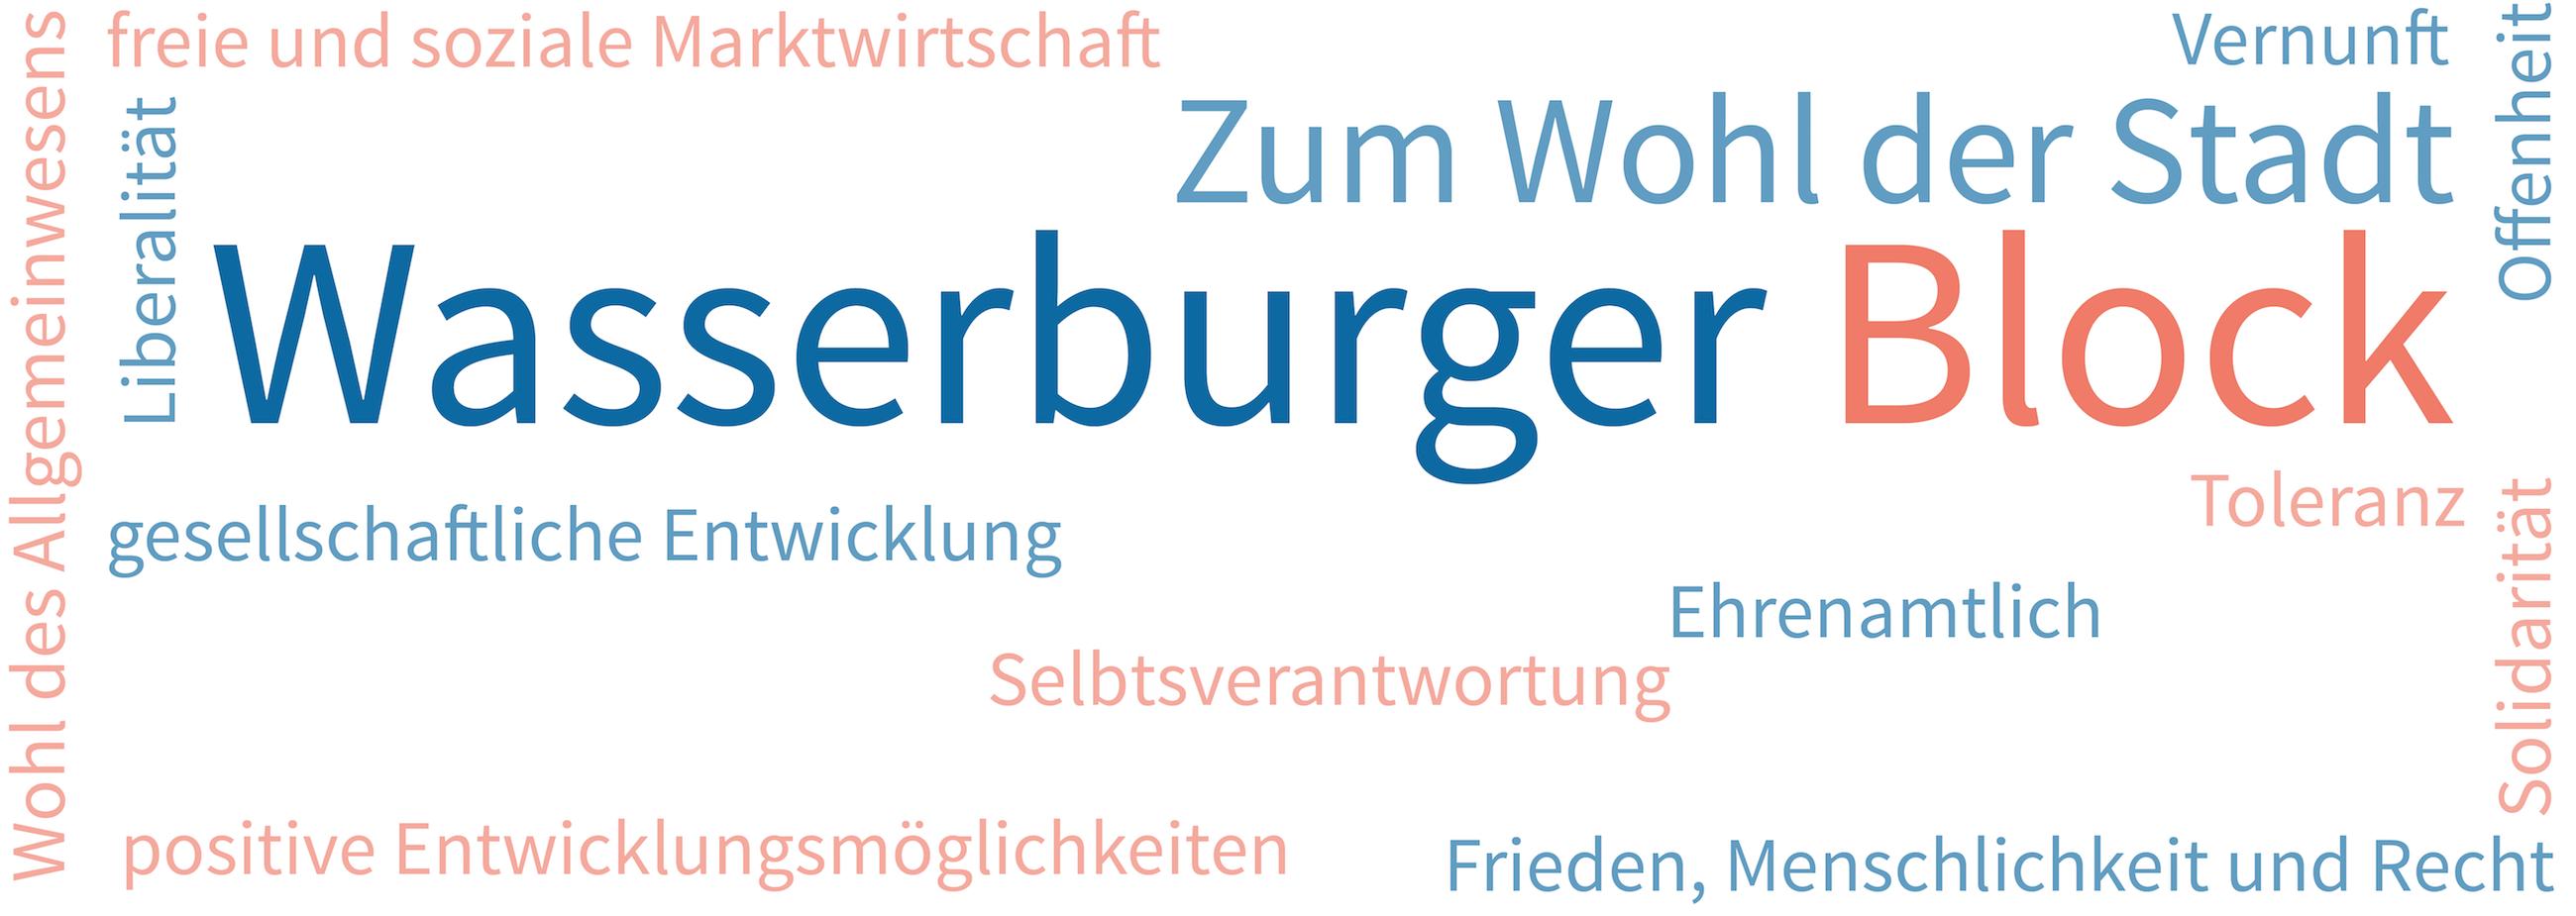 grundsätze des wasserburger blocks im ueberblick